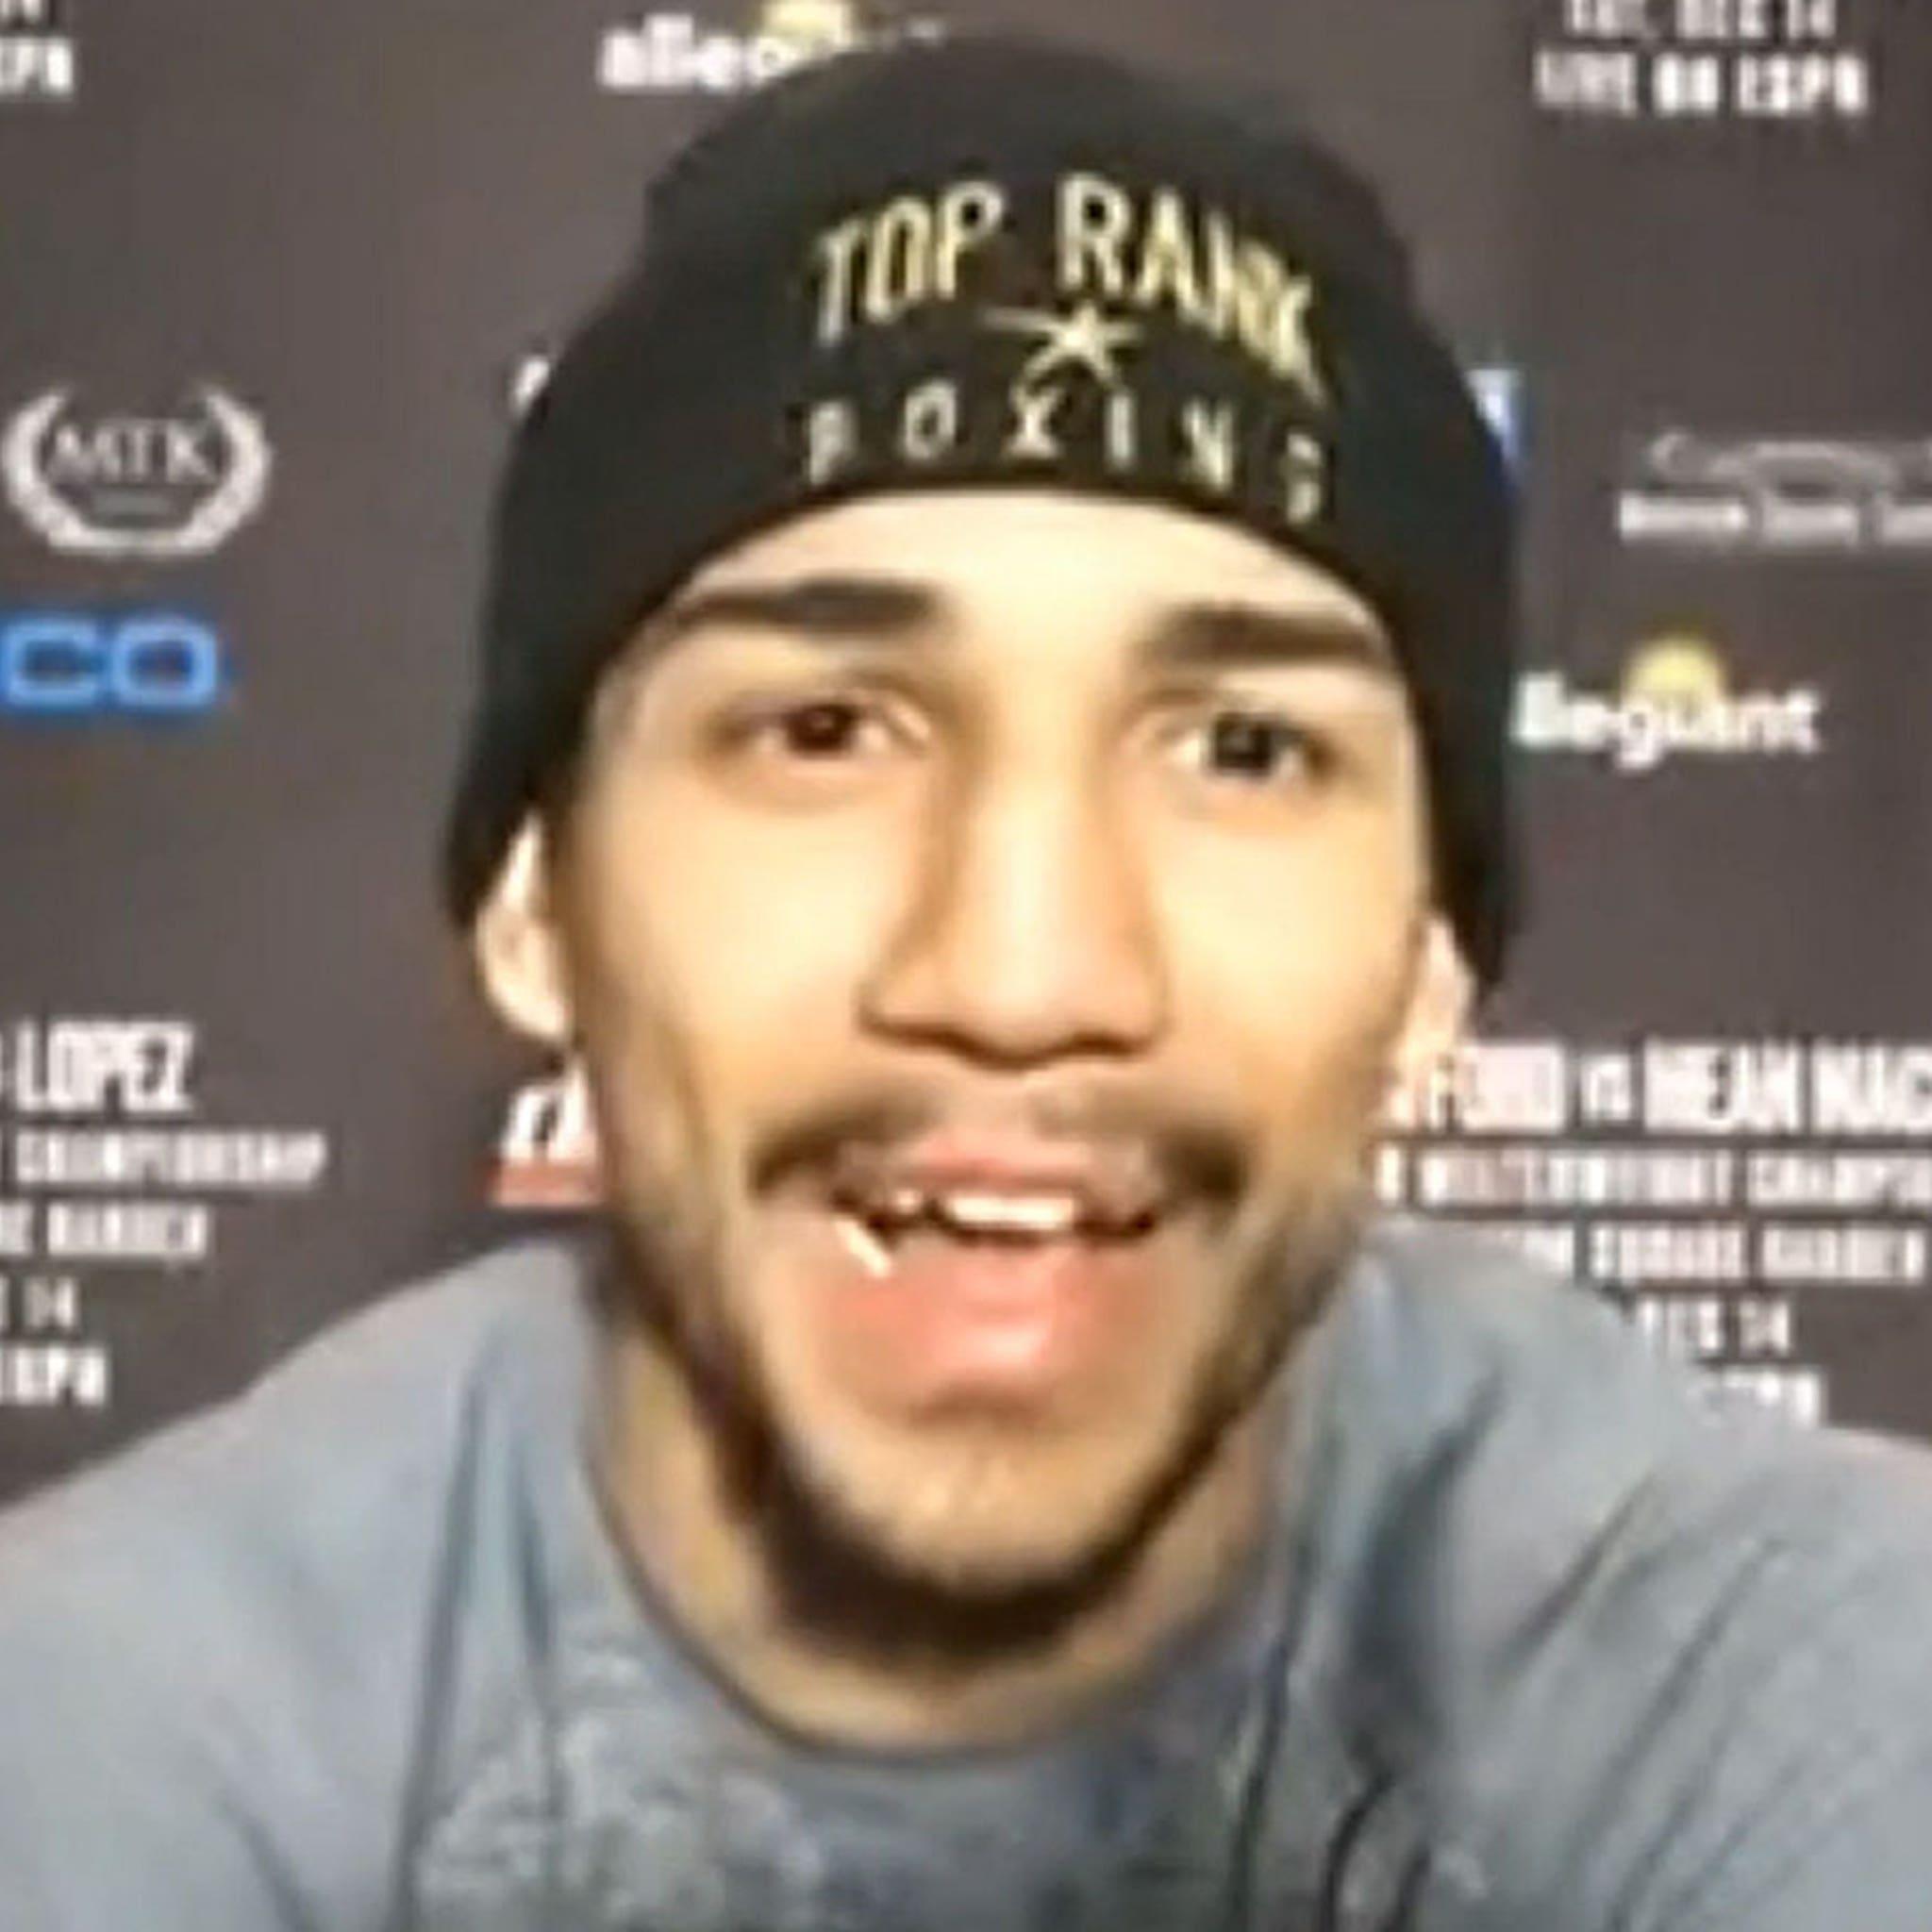 Boxer Teofimo Lopez Says He's Gonna Slap the S**t Outta Vasyl Lomachenko